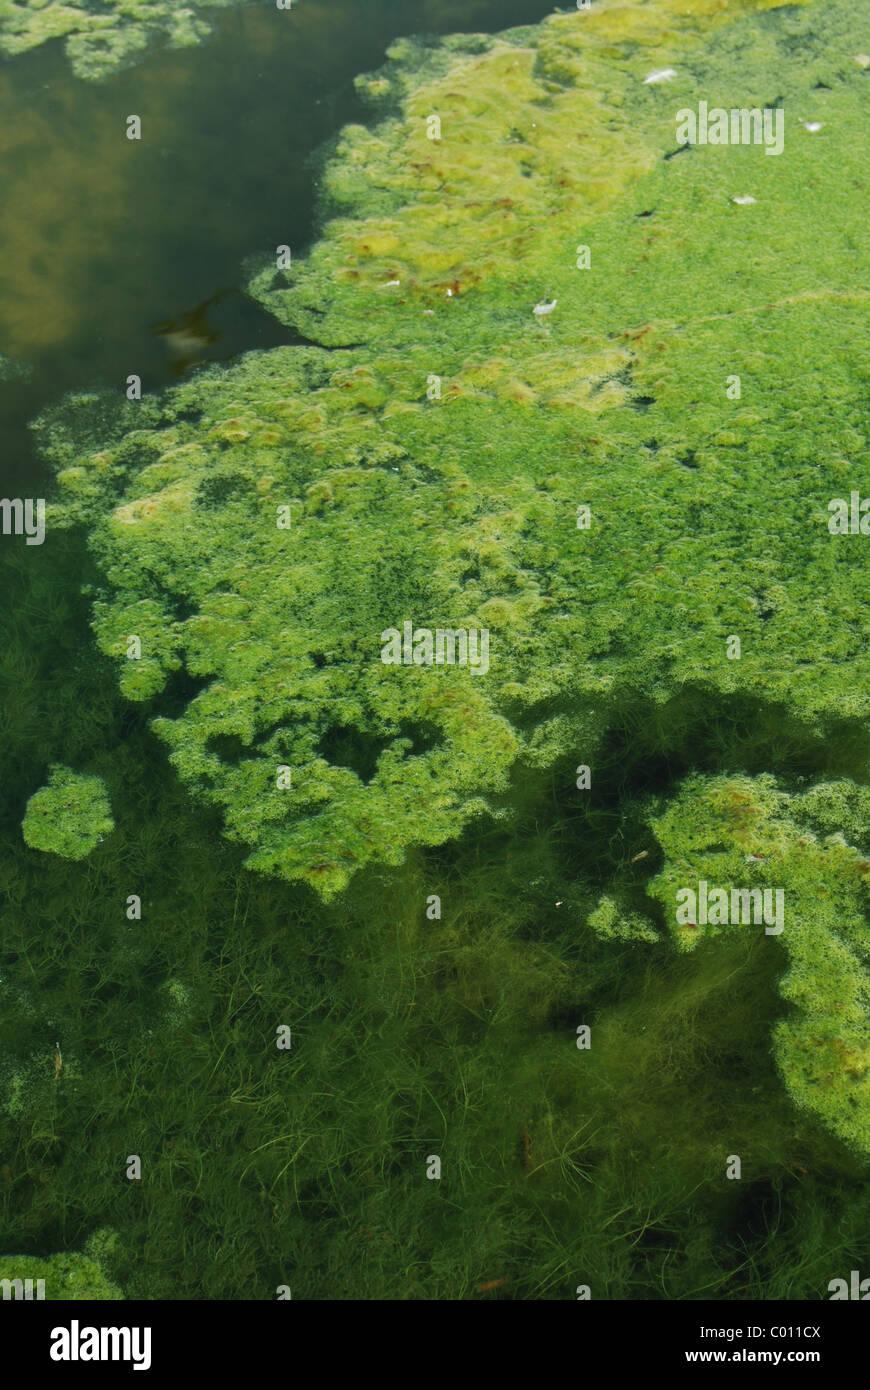 Arrière-plan de marais d'algues vertes Banque D'Images